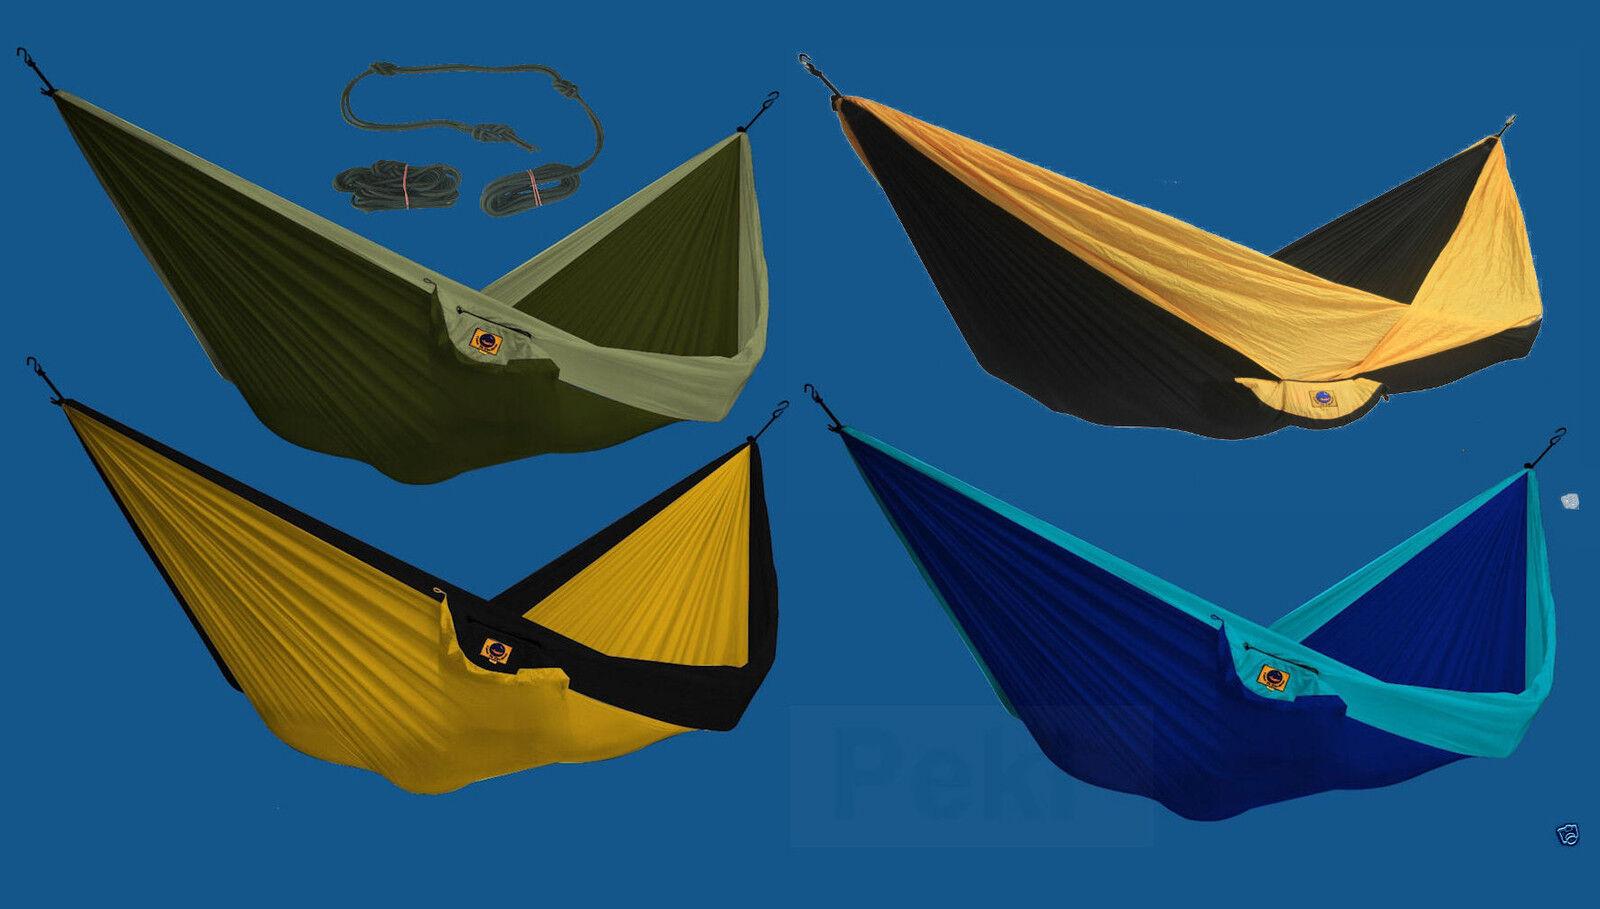 TTTM Doppelhängematte Reisehängematte Hängematte bis 200  kg oder Seil Auswahl  check out the cheapest